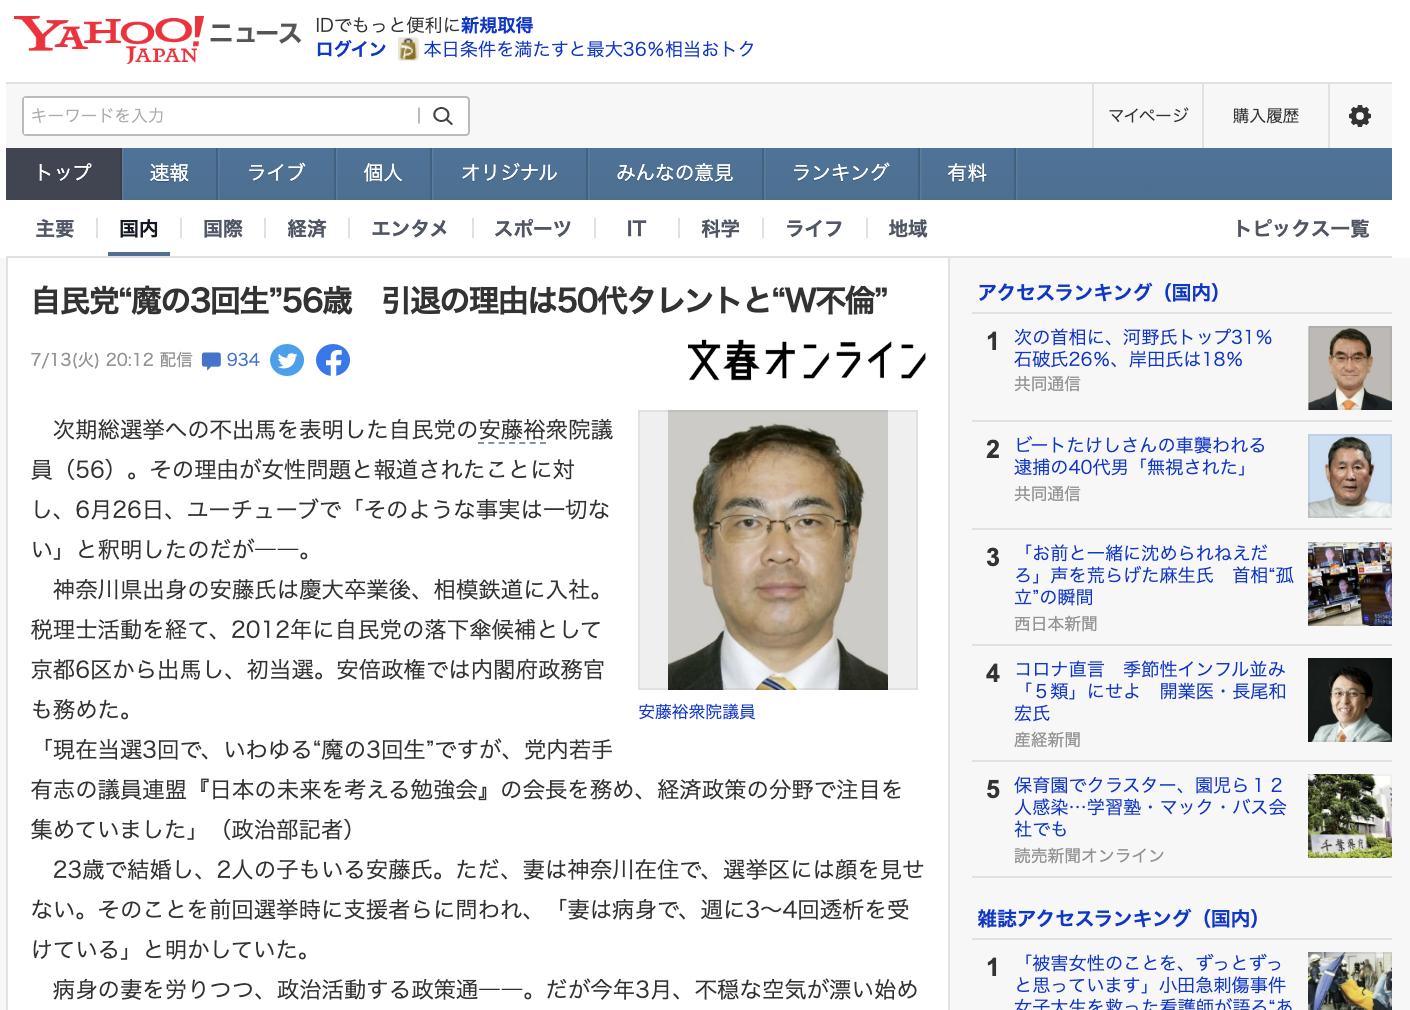 """自民党""""魔の3回生""""56歳 引退の理由は50代タレントと""""W不倫"""""""